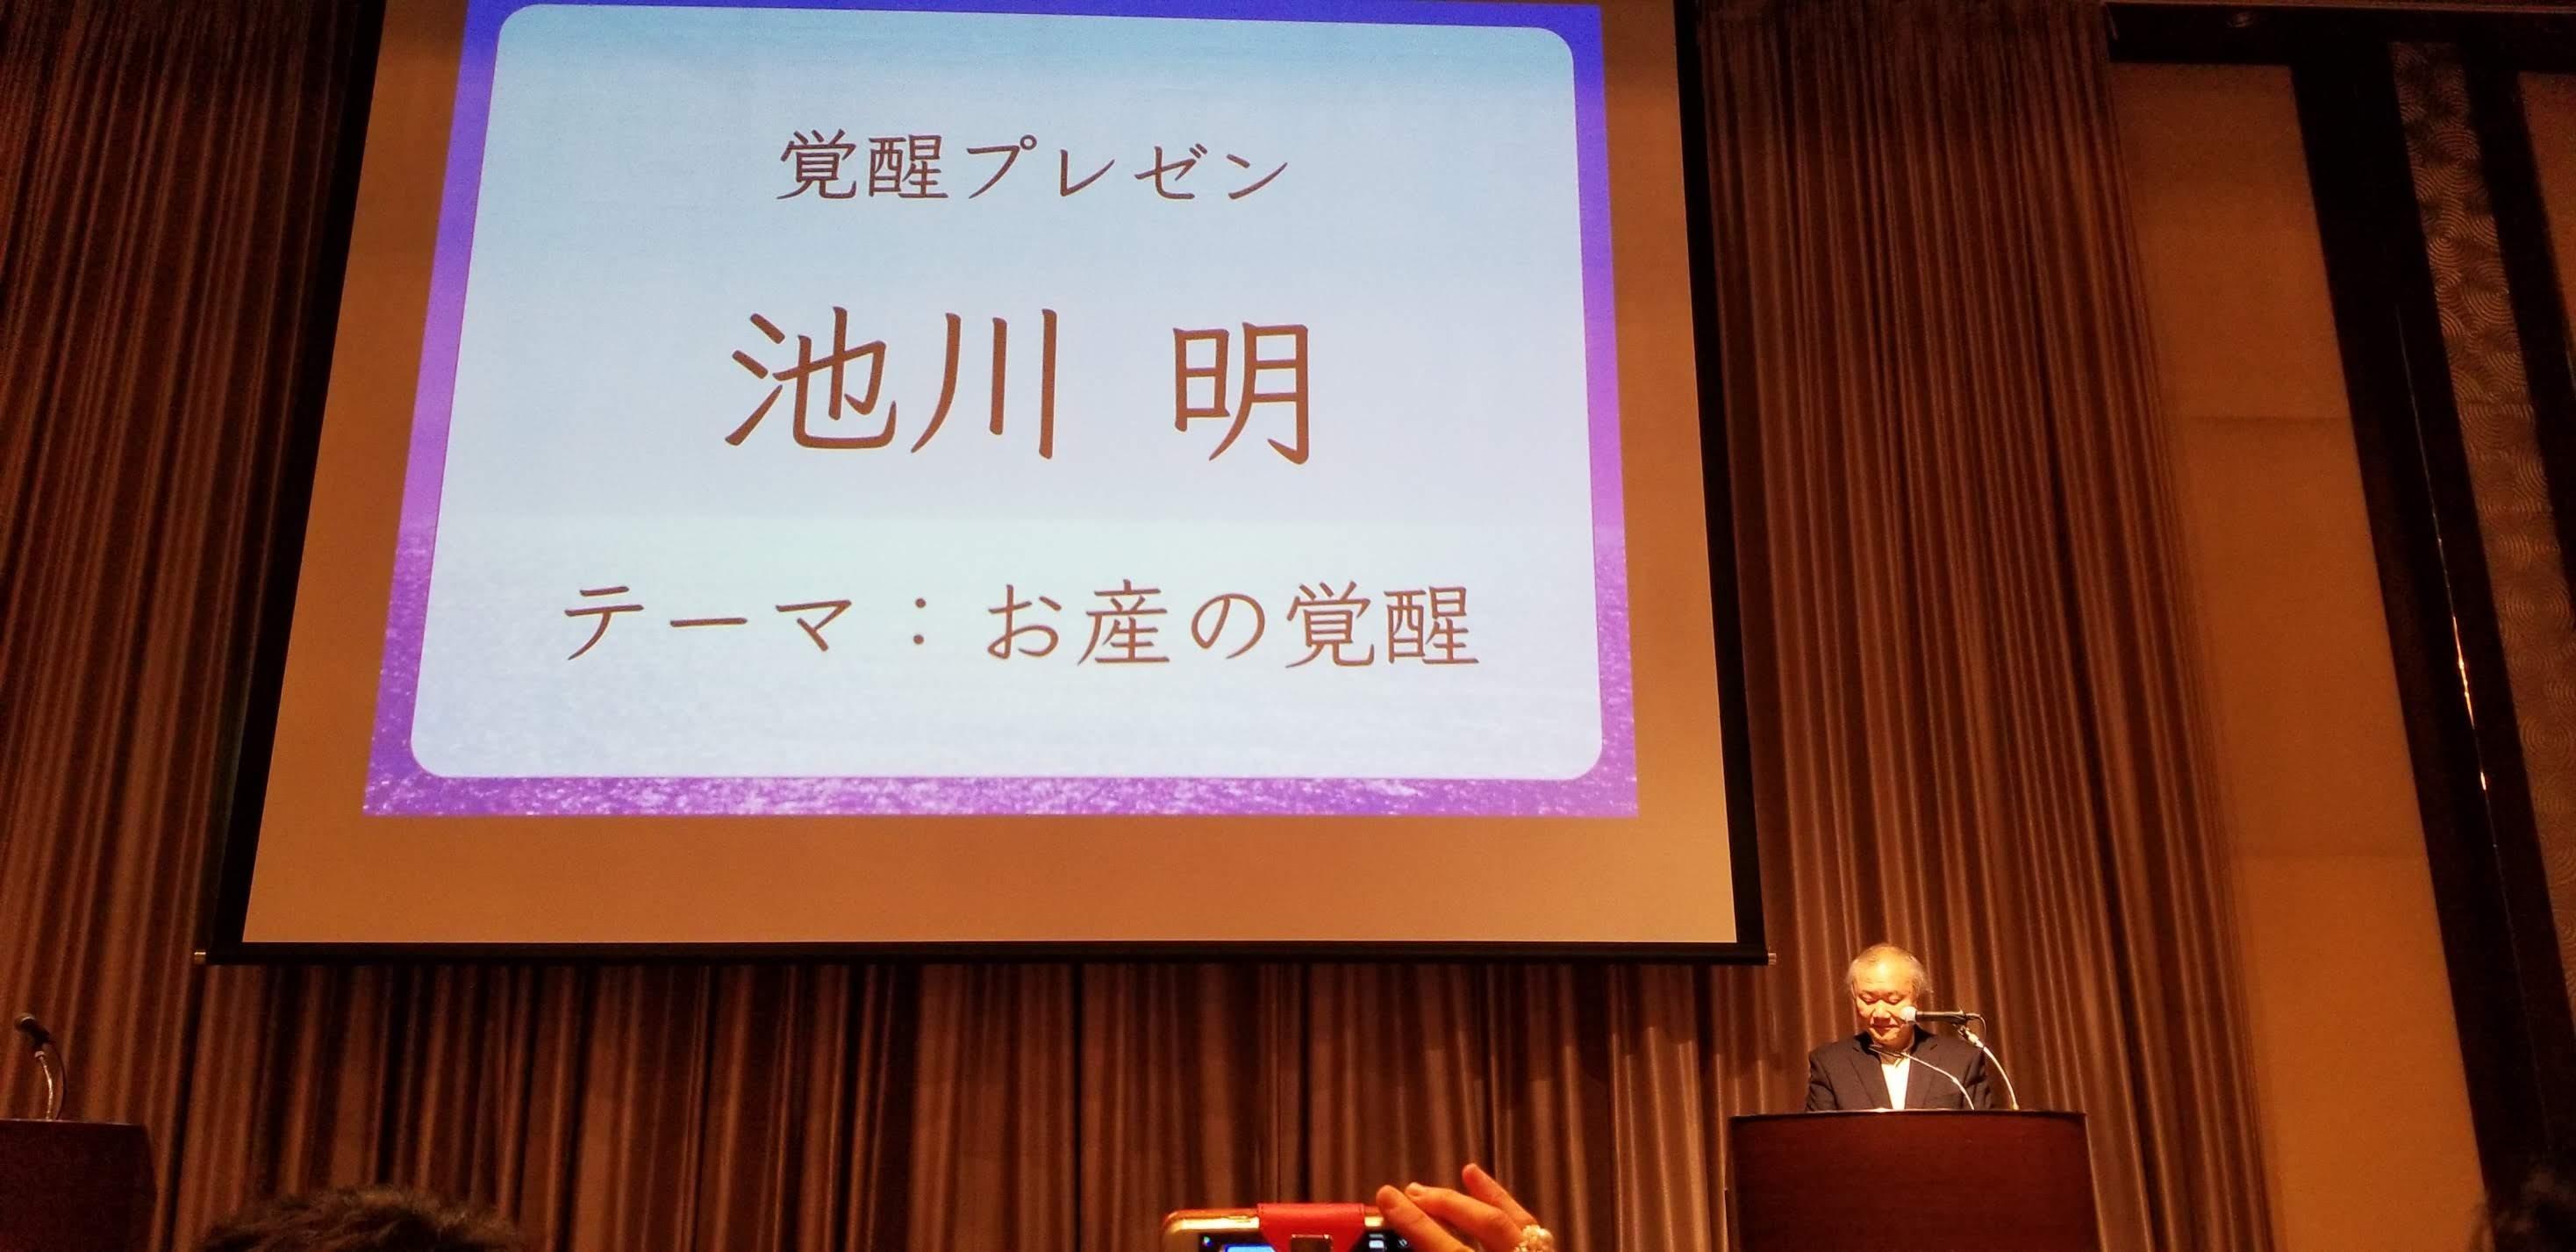 56e0c329aa3318191207973811163a74 1 - 思風会全国大会in広島